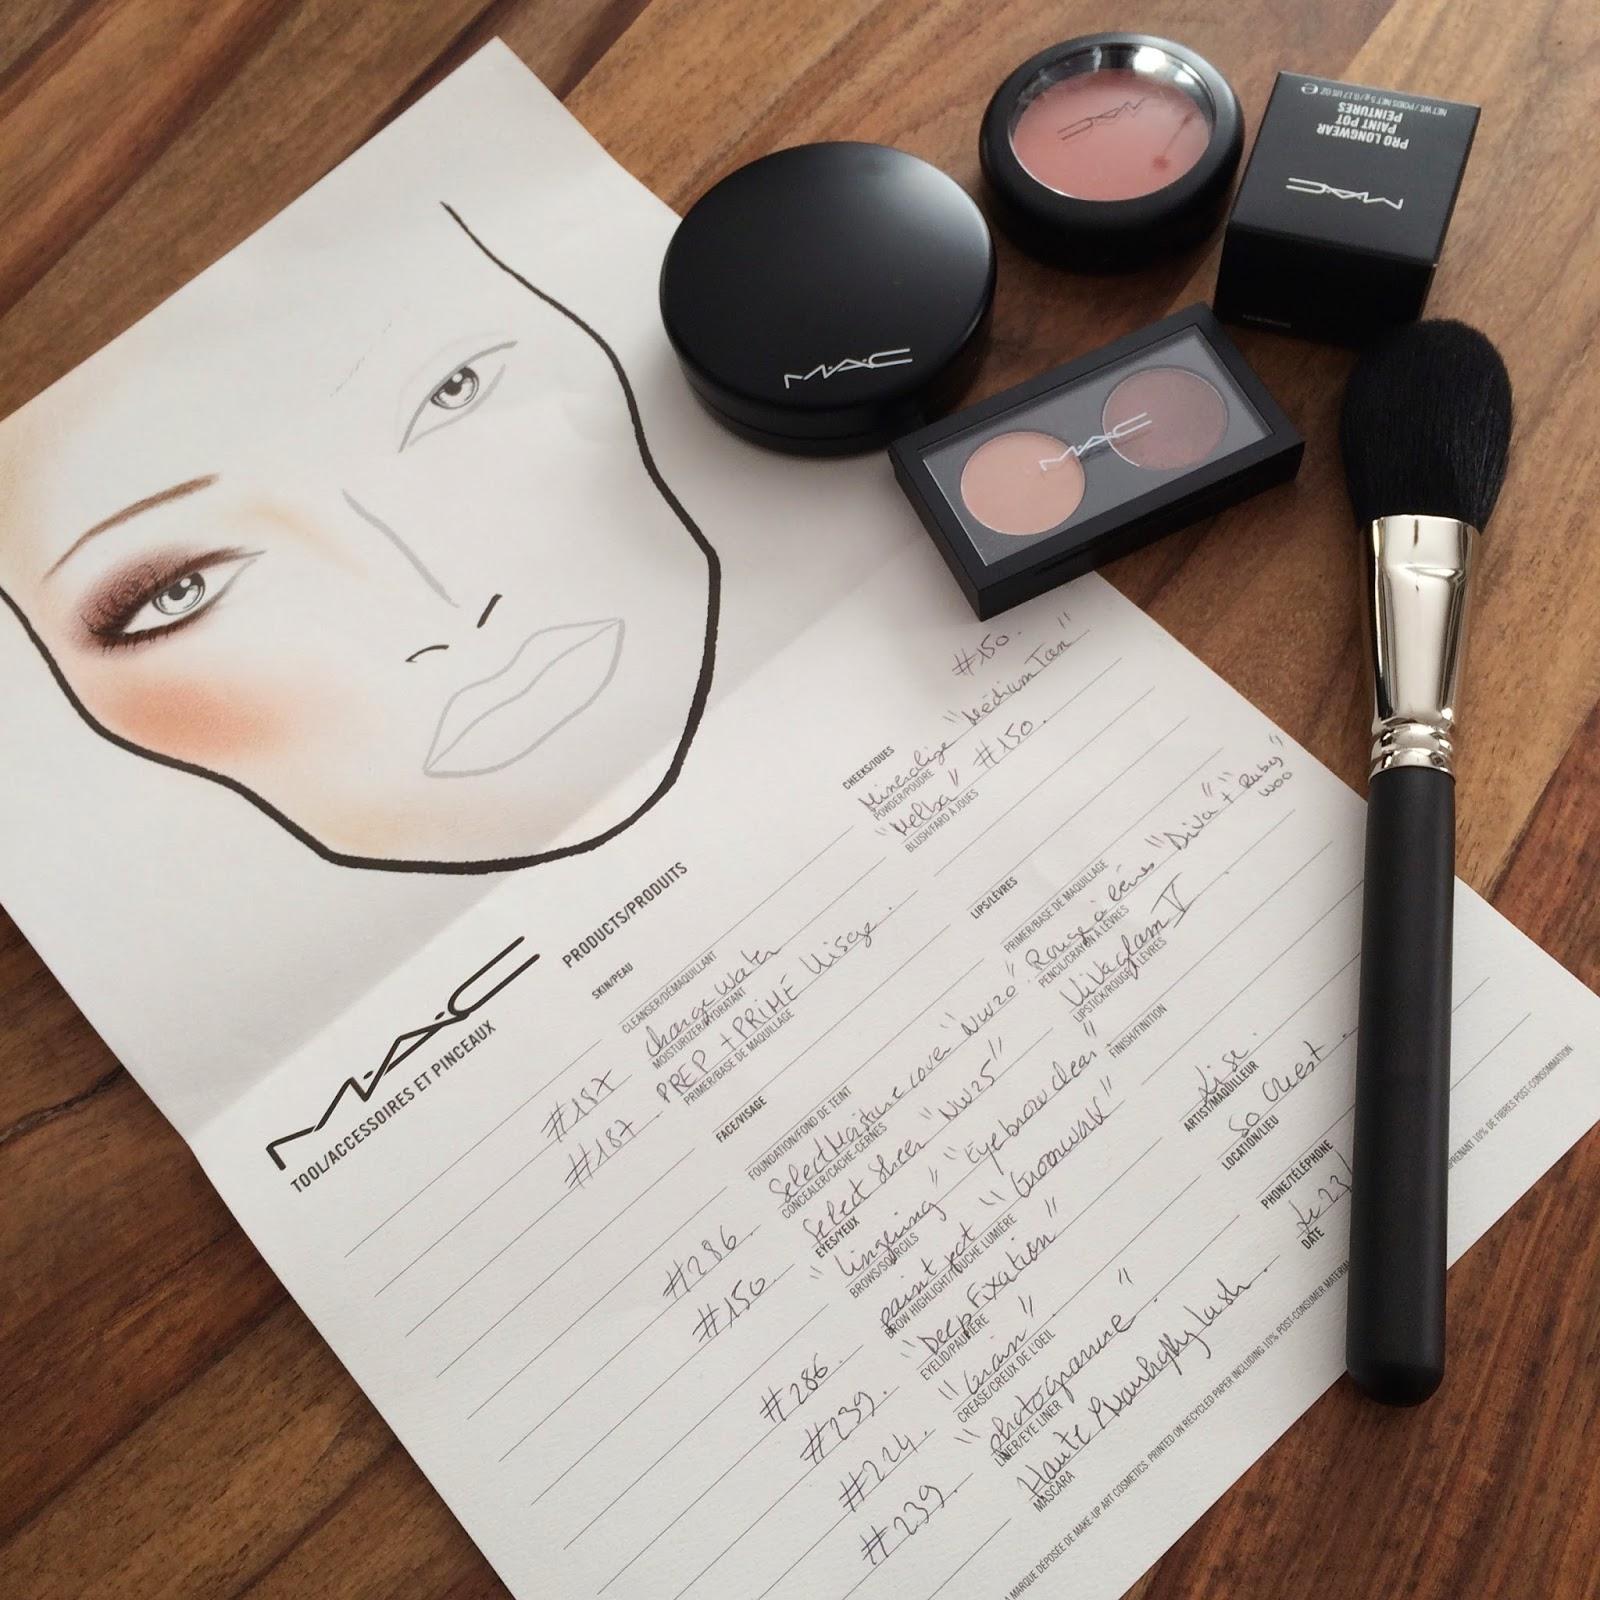 Ma leçon de maquillage personnalisé chez Mac